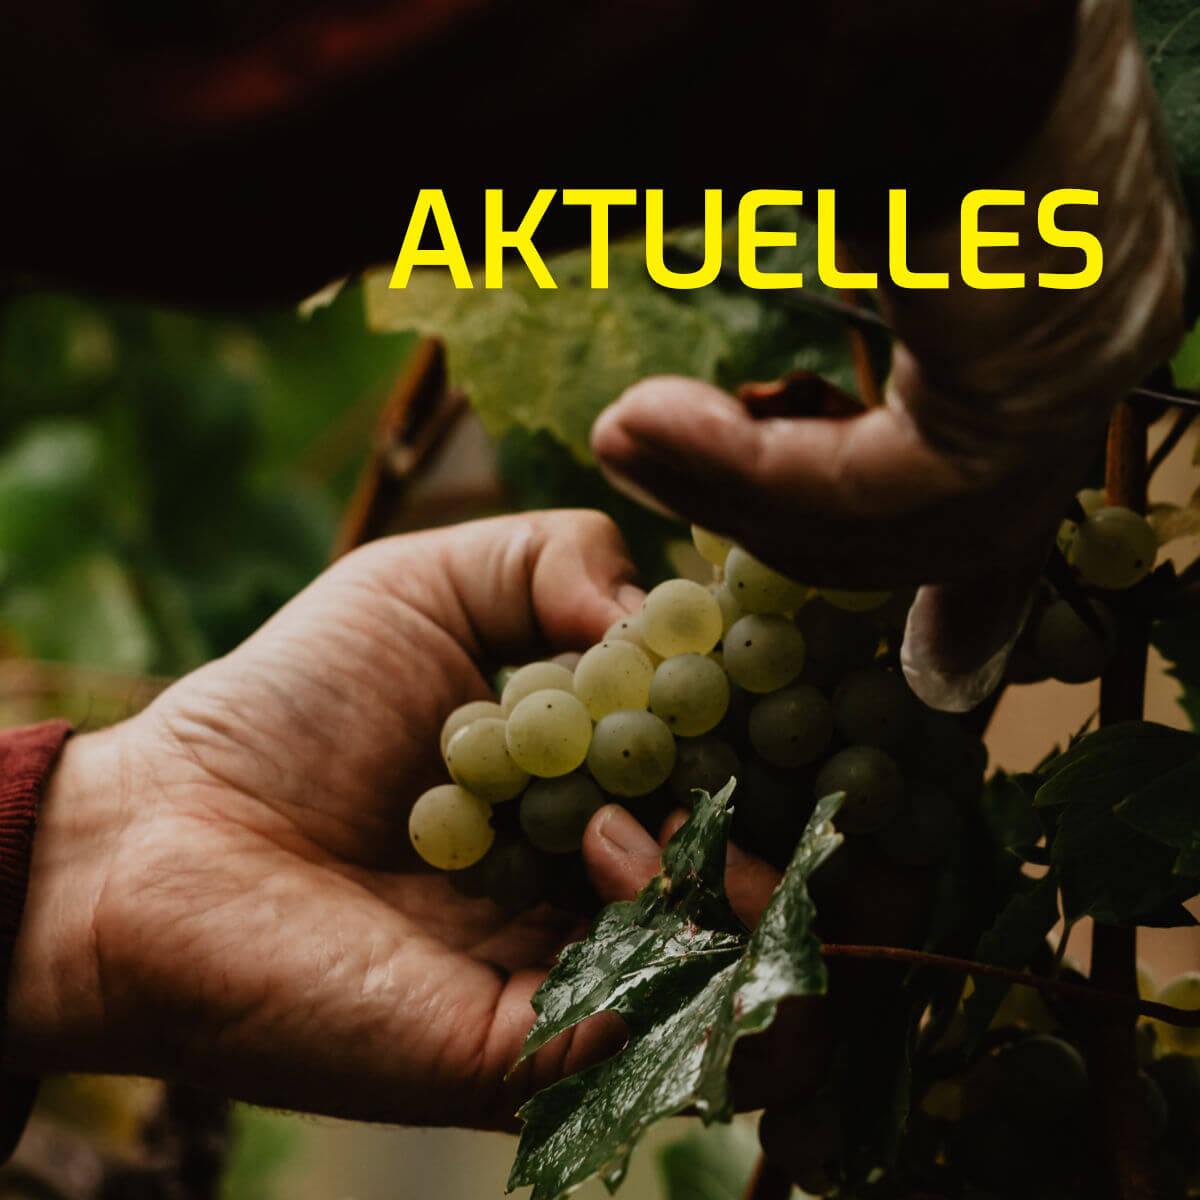 fränkisches Bioland Weingut auf Schloß Zeilitzheim in Franken in der Nähe von Würzburg_Wein von 3_Photographed by Selene adores_3